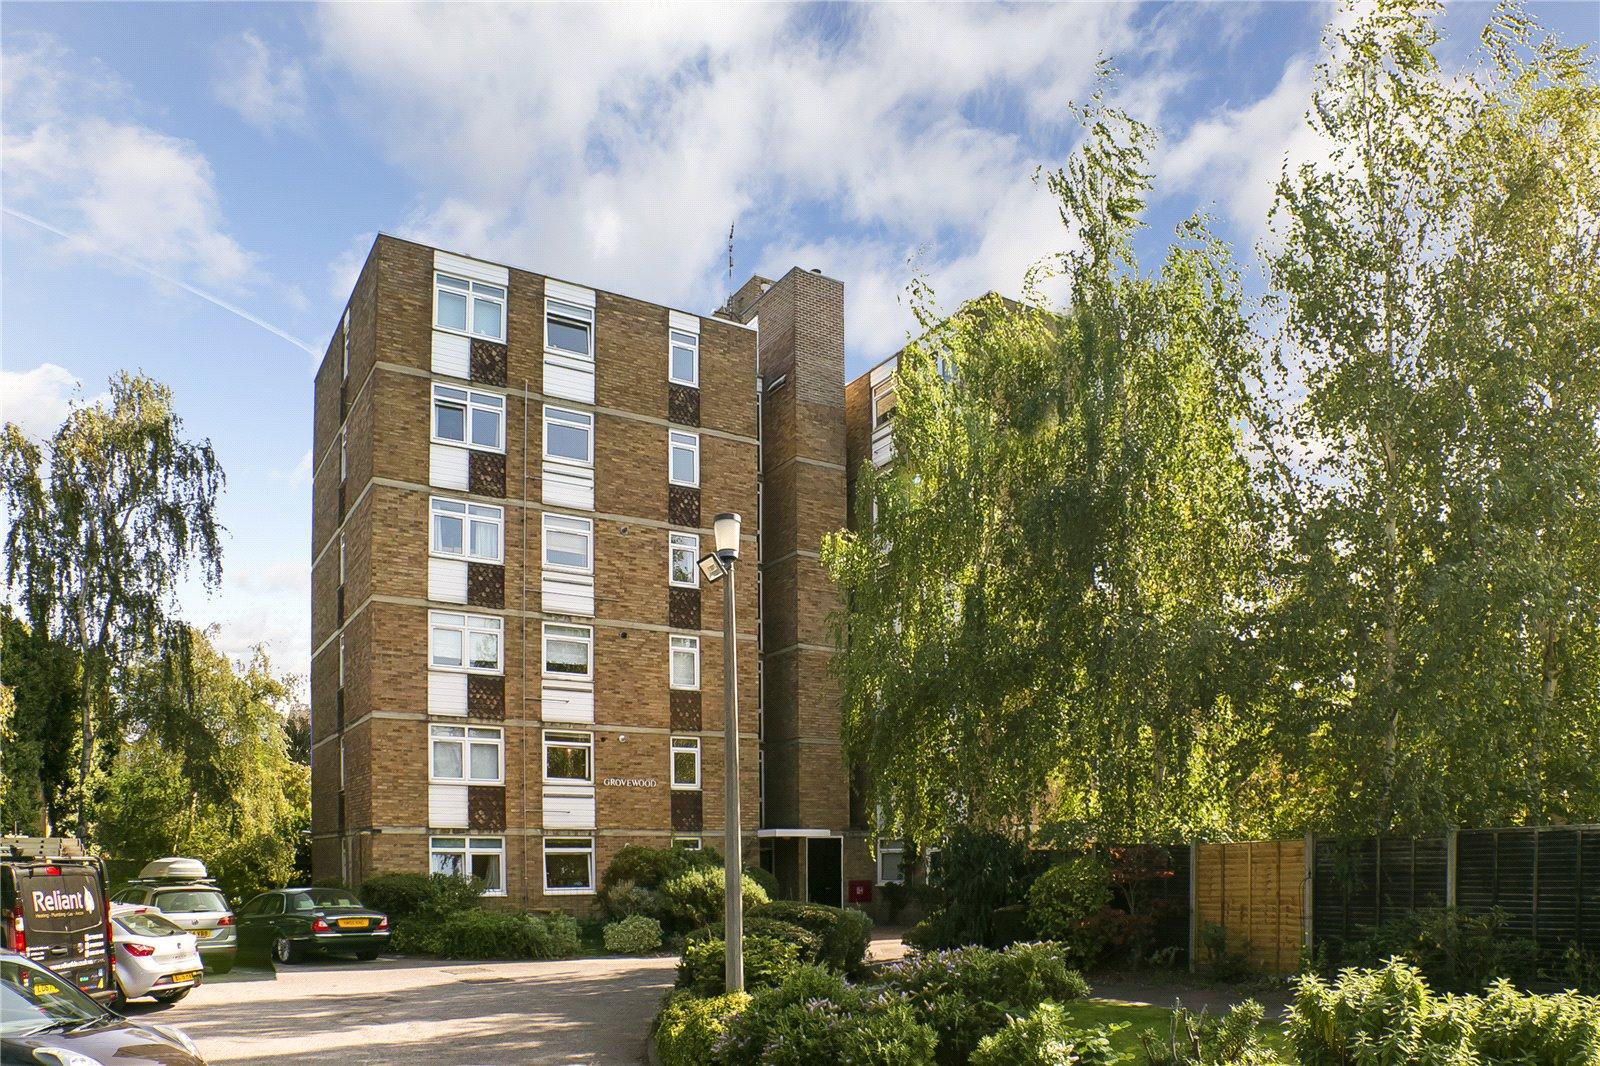 Sandycombe Road, Kew, TW9 3NF - Antony Roberts